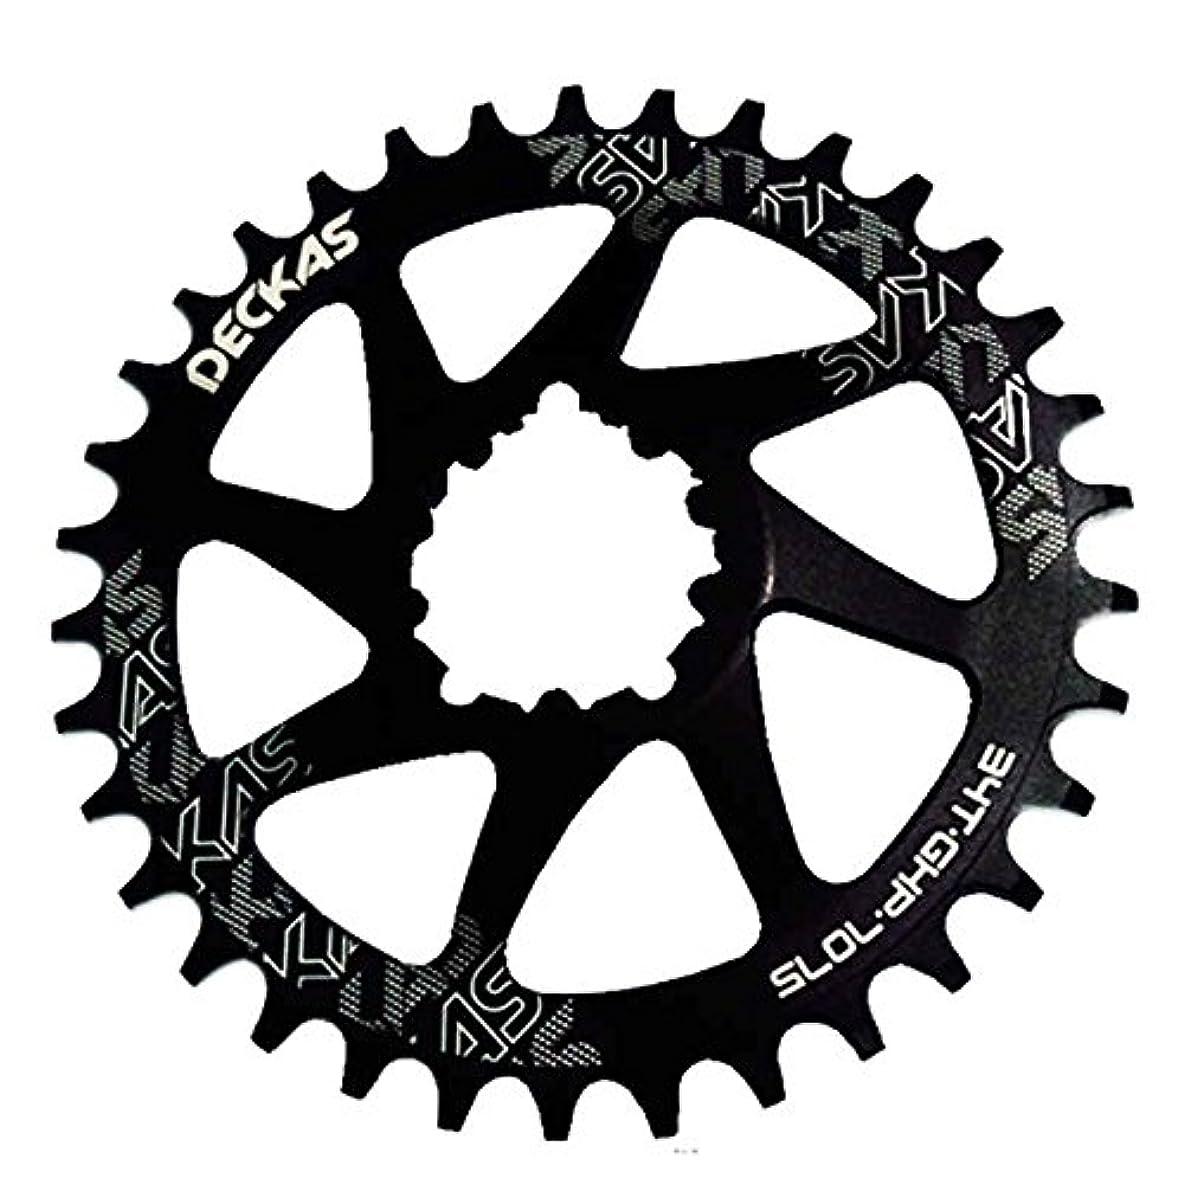 にぎやか公爵登山家Propenary - GXP bicycle crankset Al 7075 CNC32T 34T Narrow Wide Chainring Chainwheel for Sram XX1 XO1 X1 GX XO X9 crankset bicycle parts [ 36T Black ]